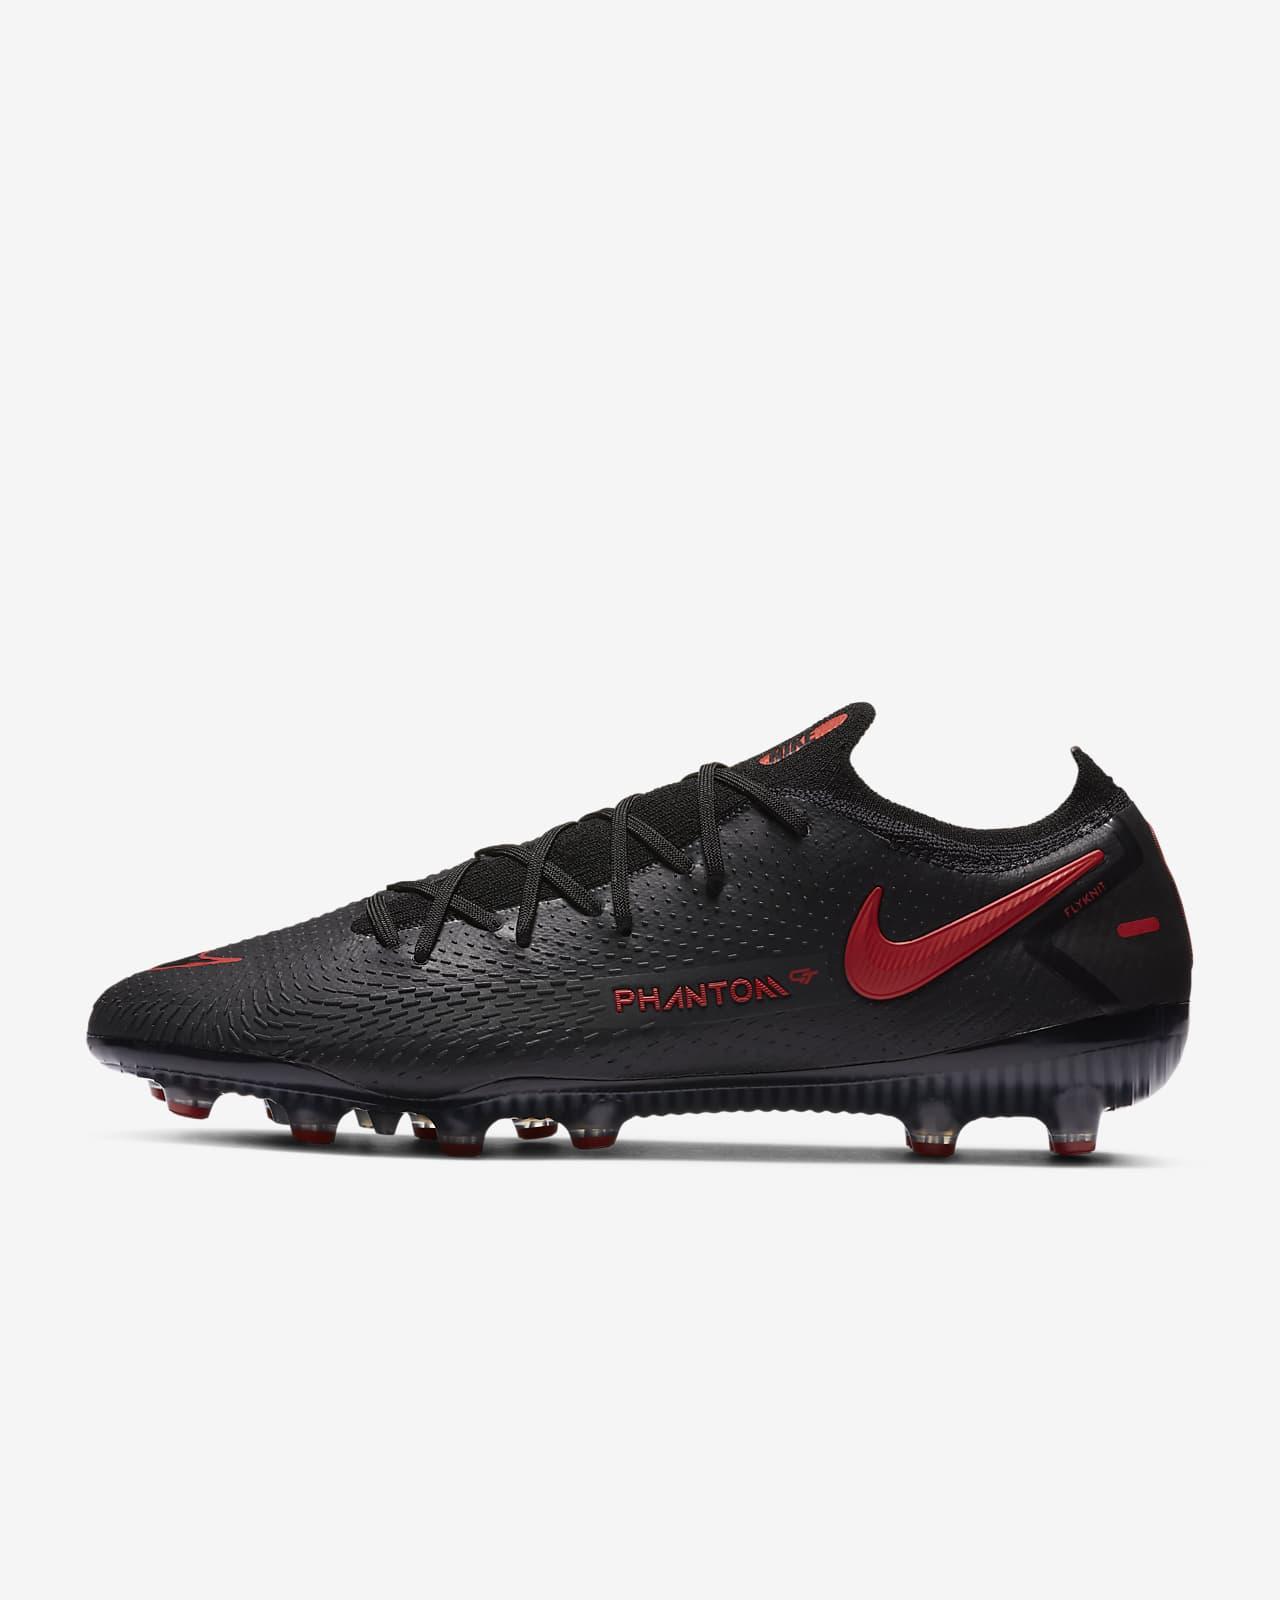 Nike Phantom GT Elite AG-Pro-fodboldstøvle til kunstgræs